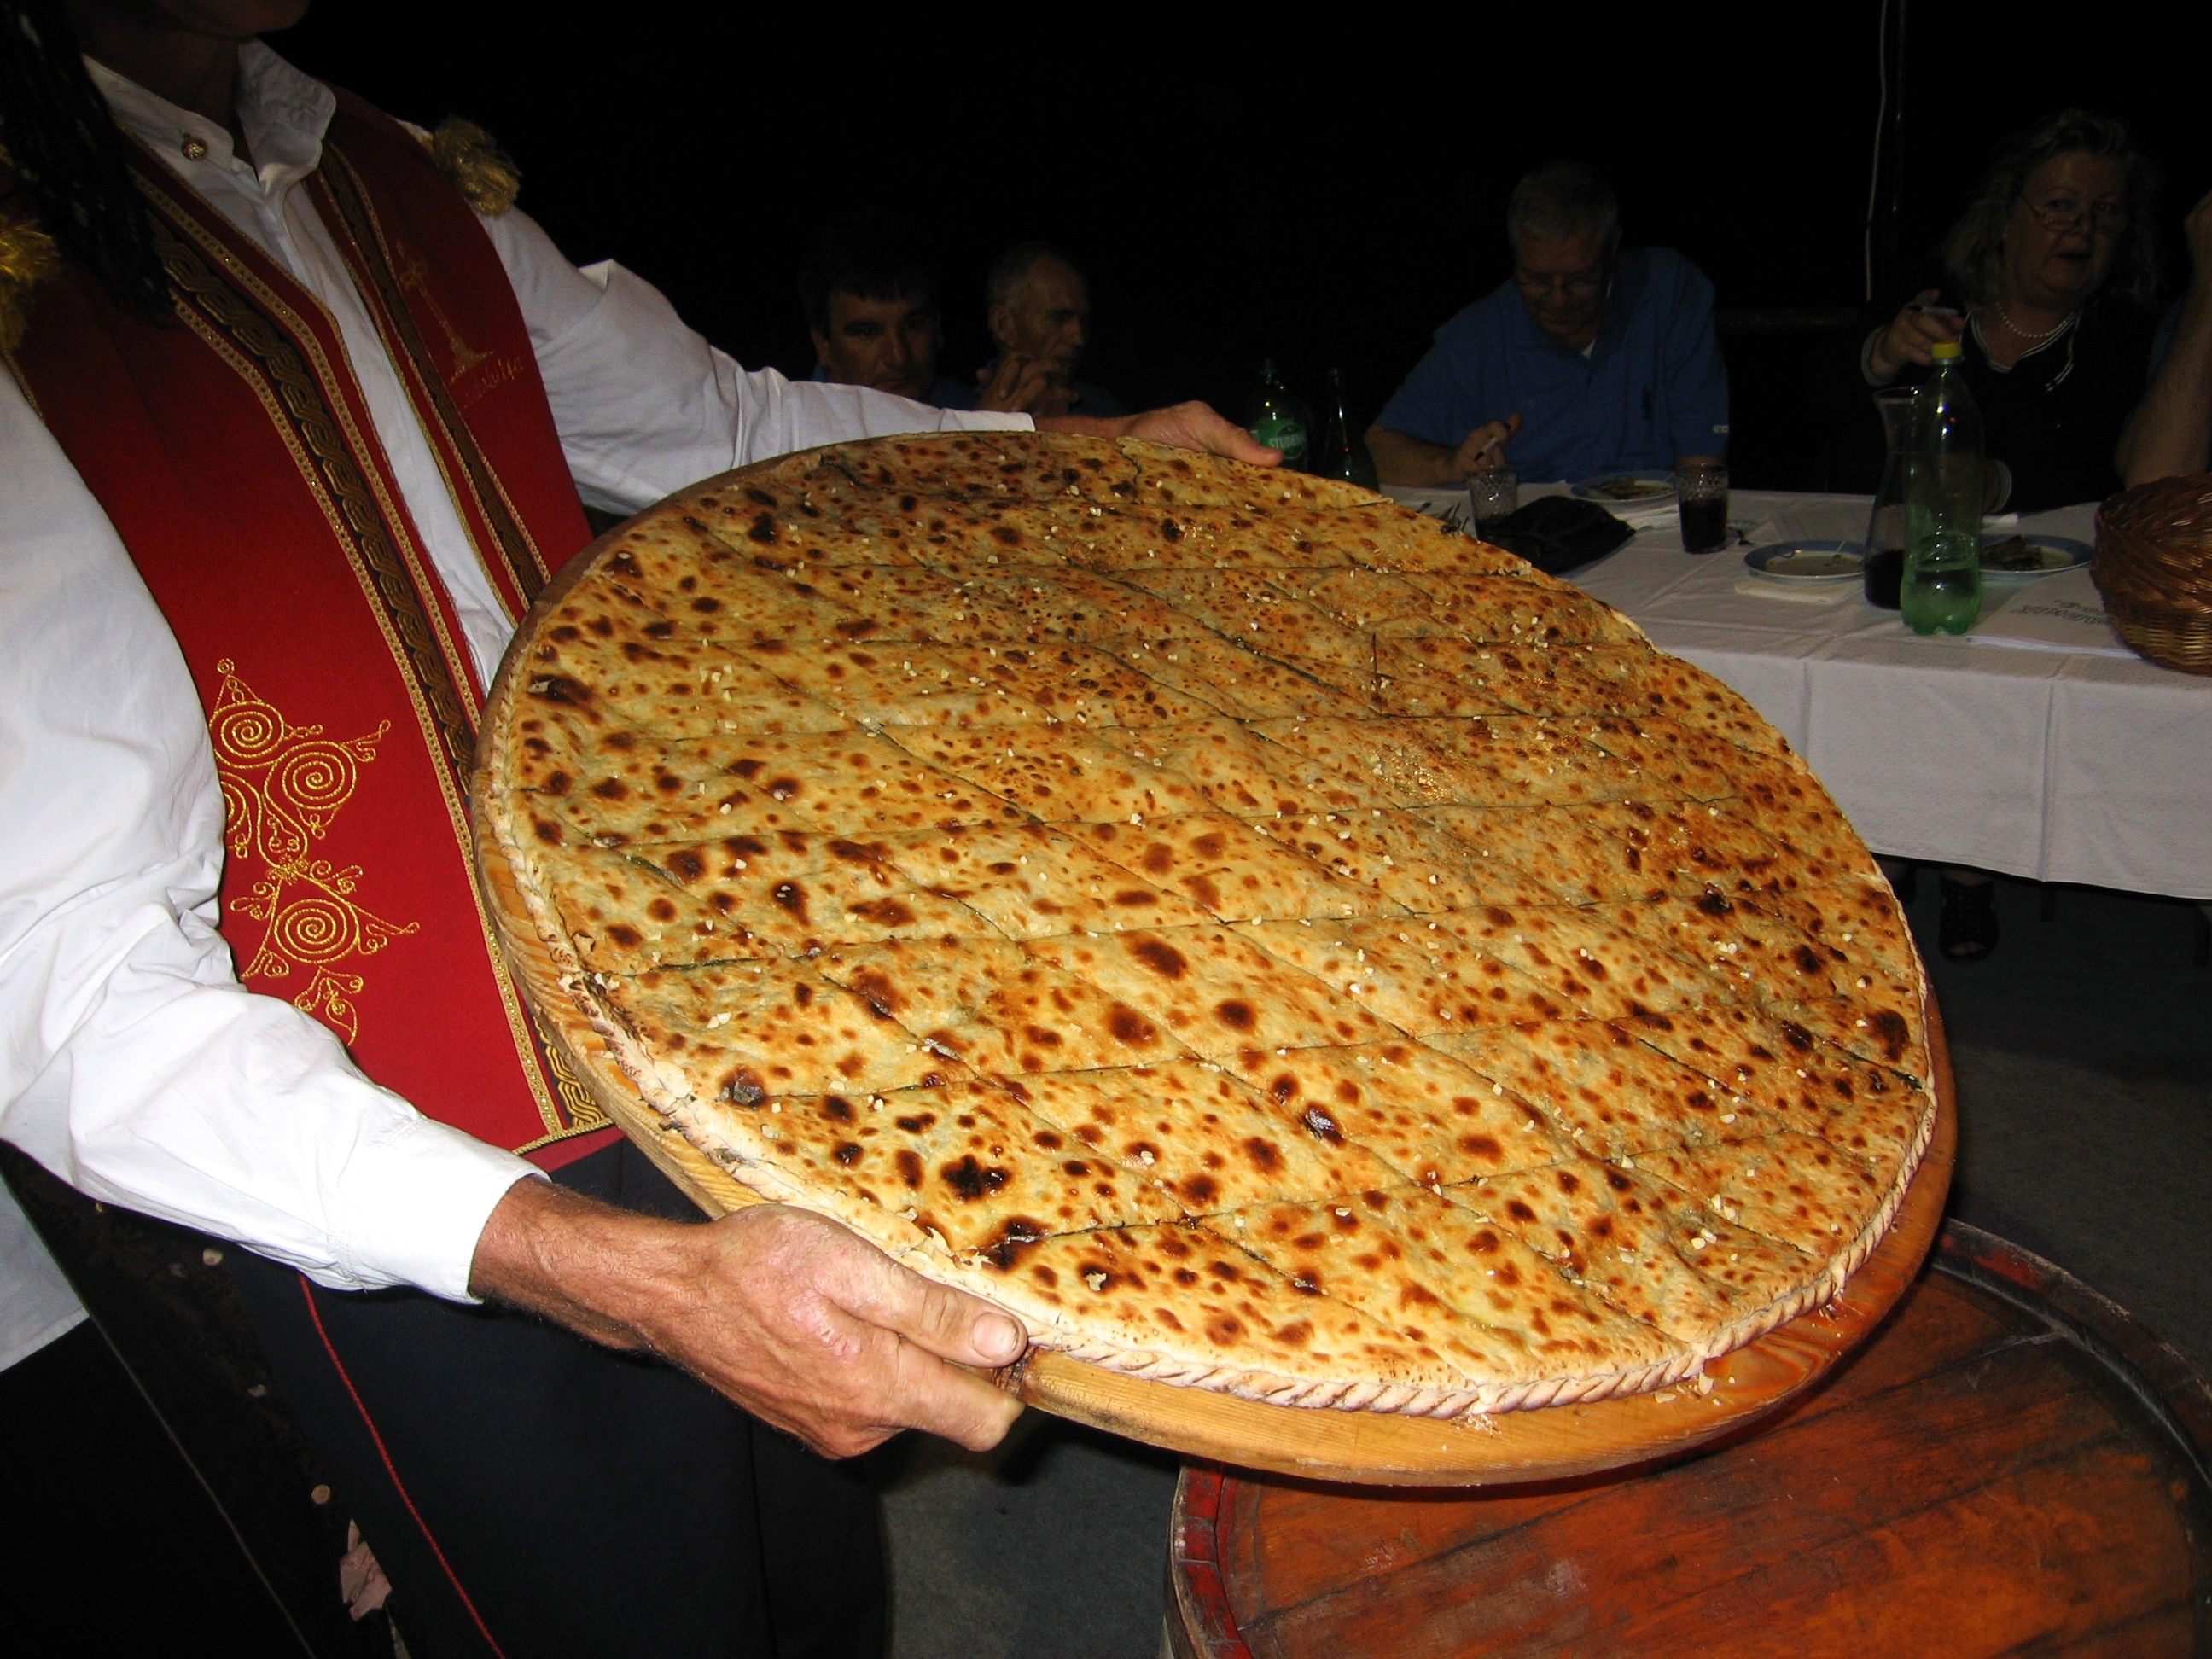 Soparnik kao obredno i svečano jelo u Poljicima